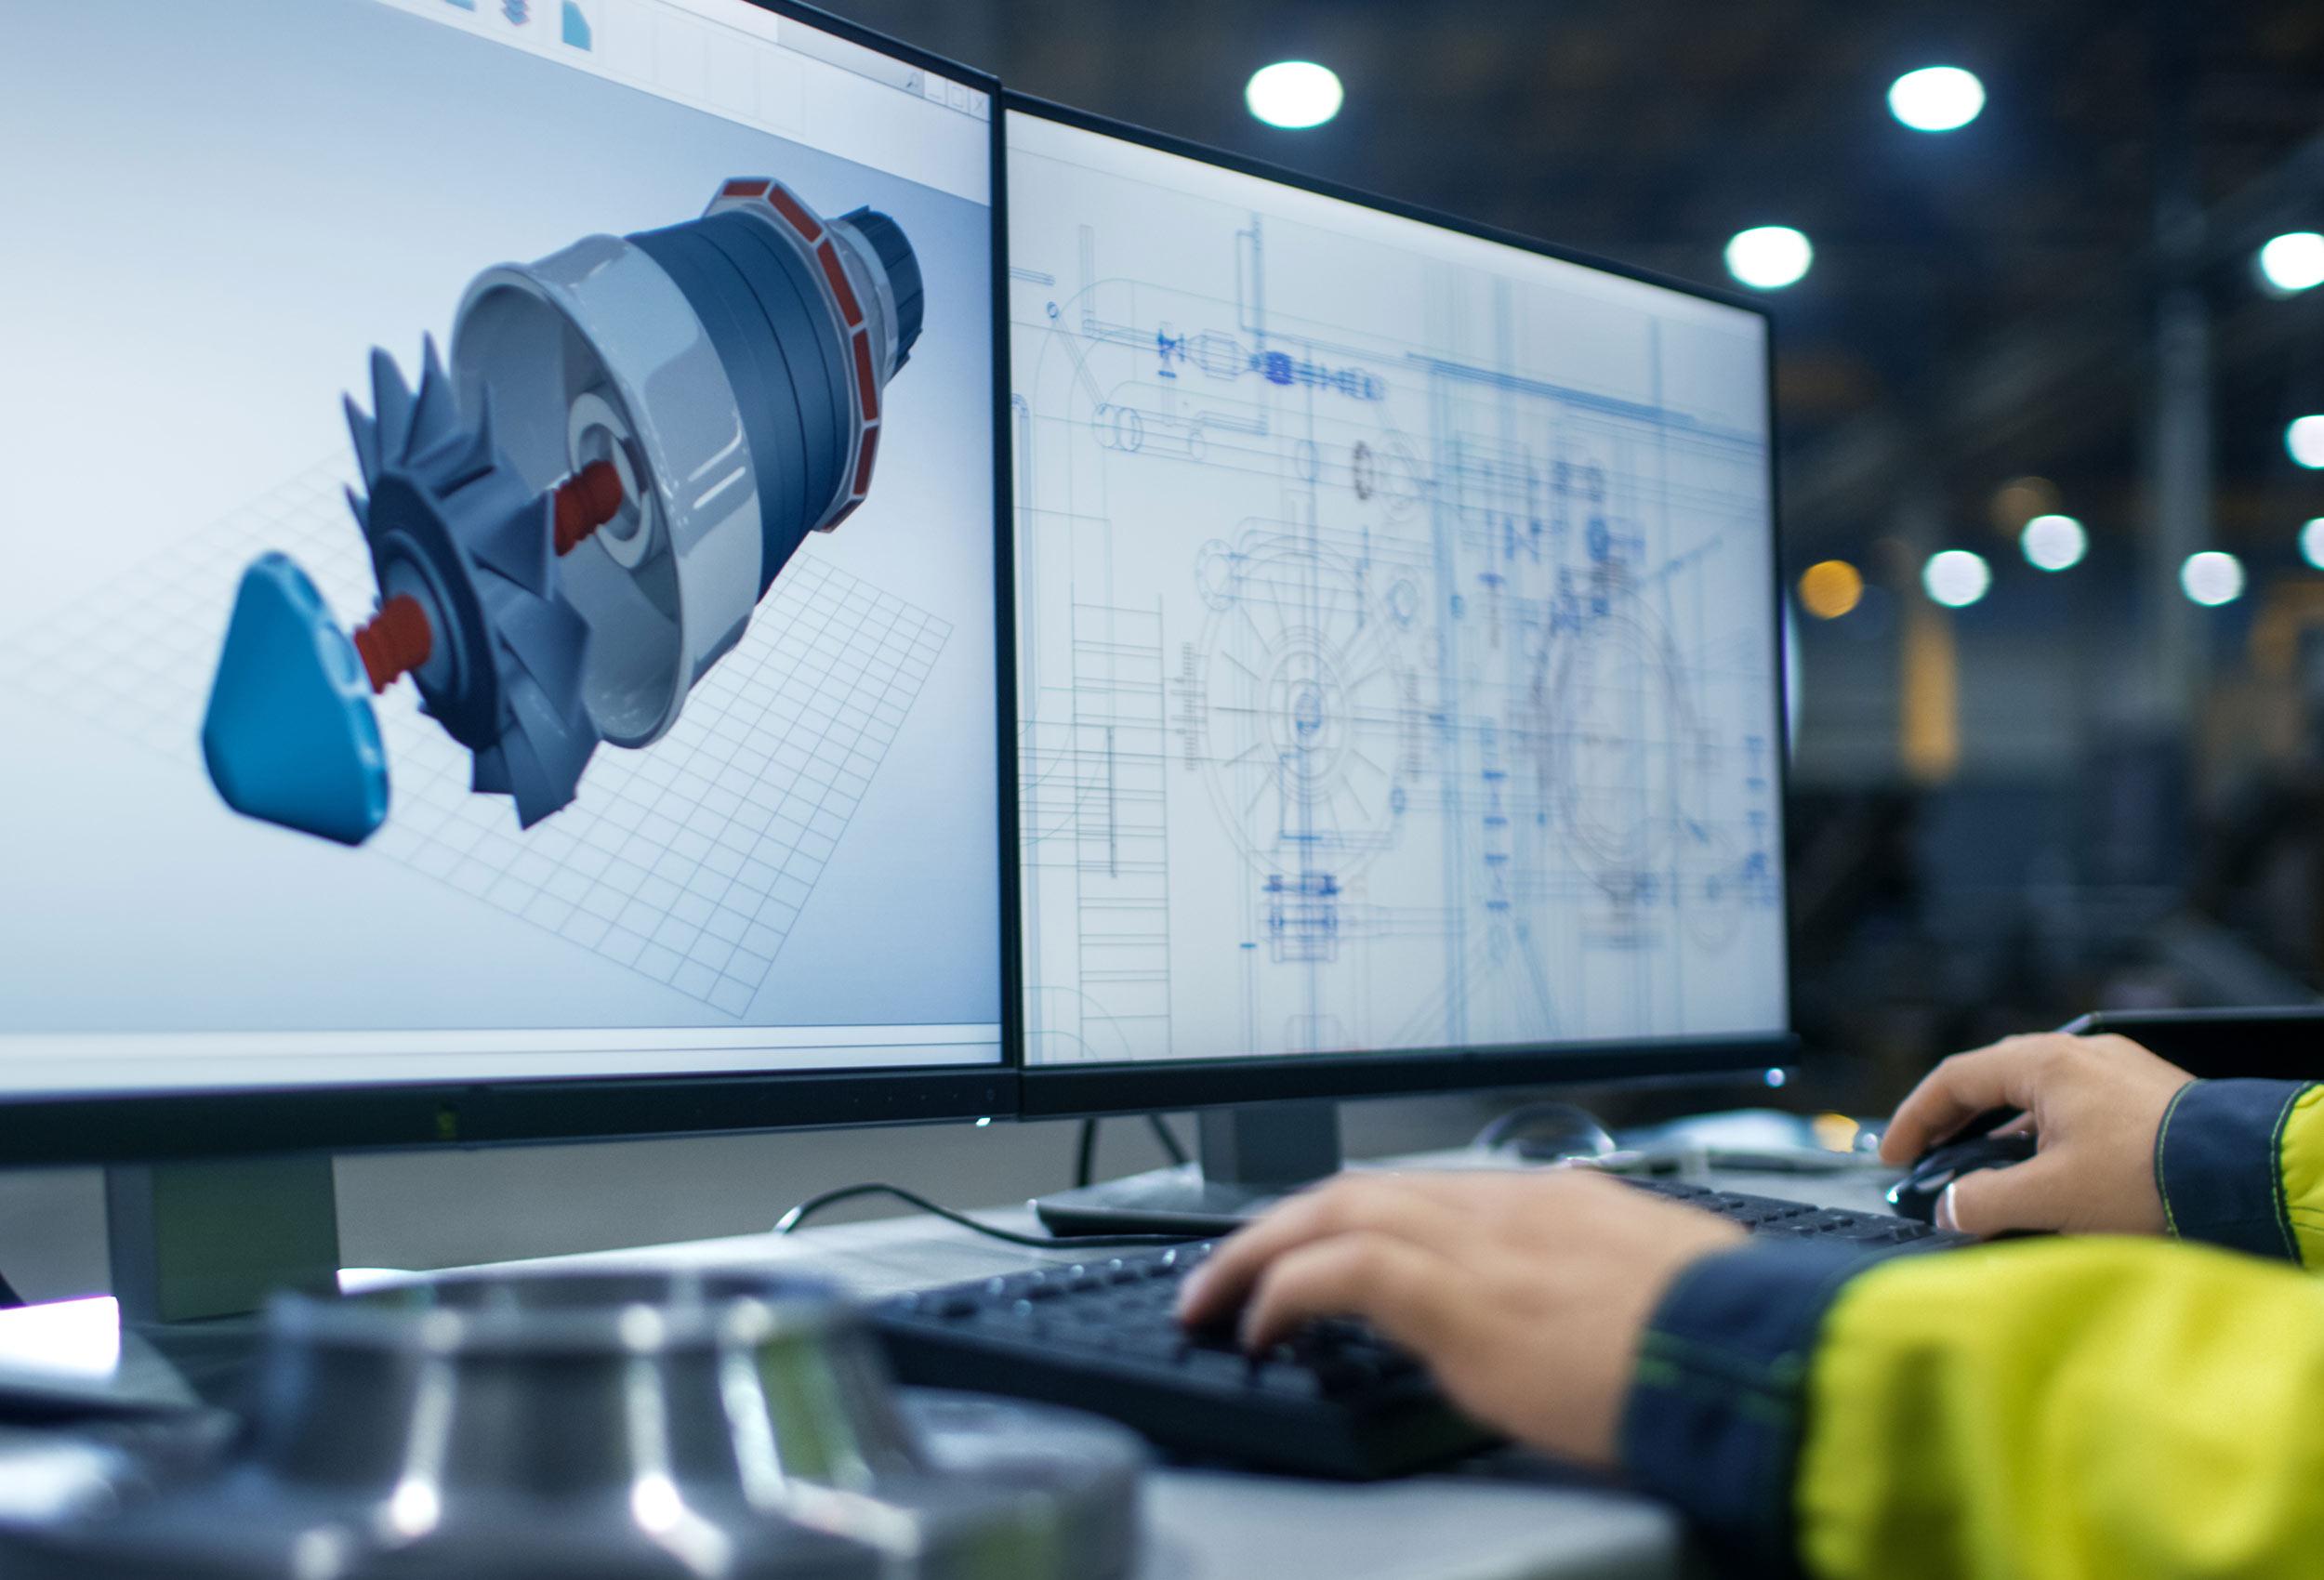 CAD - vertiefende Ausbildung am System CREO